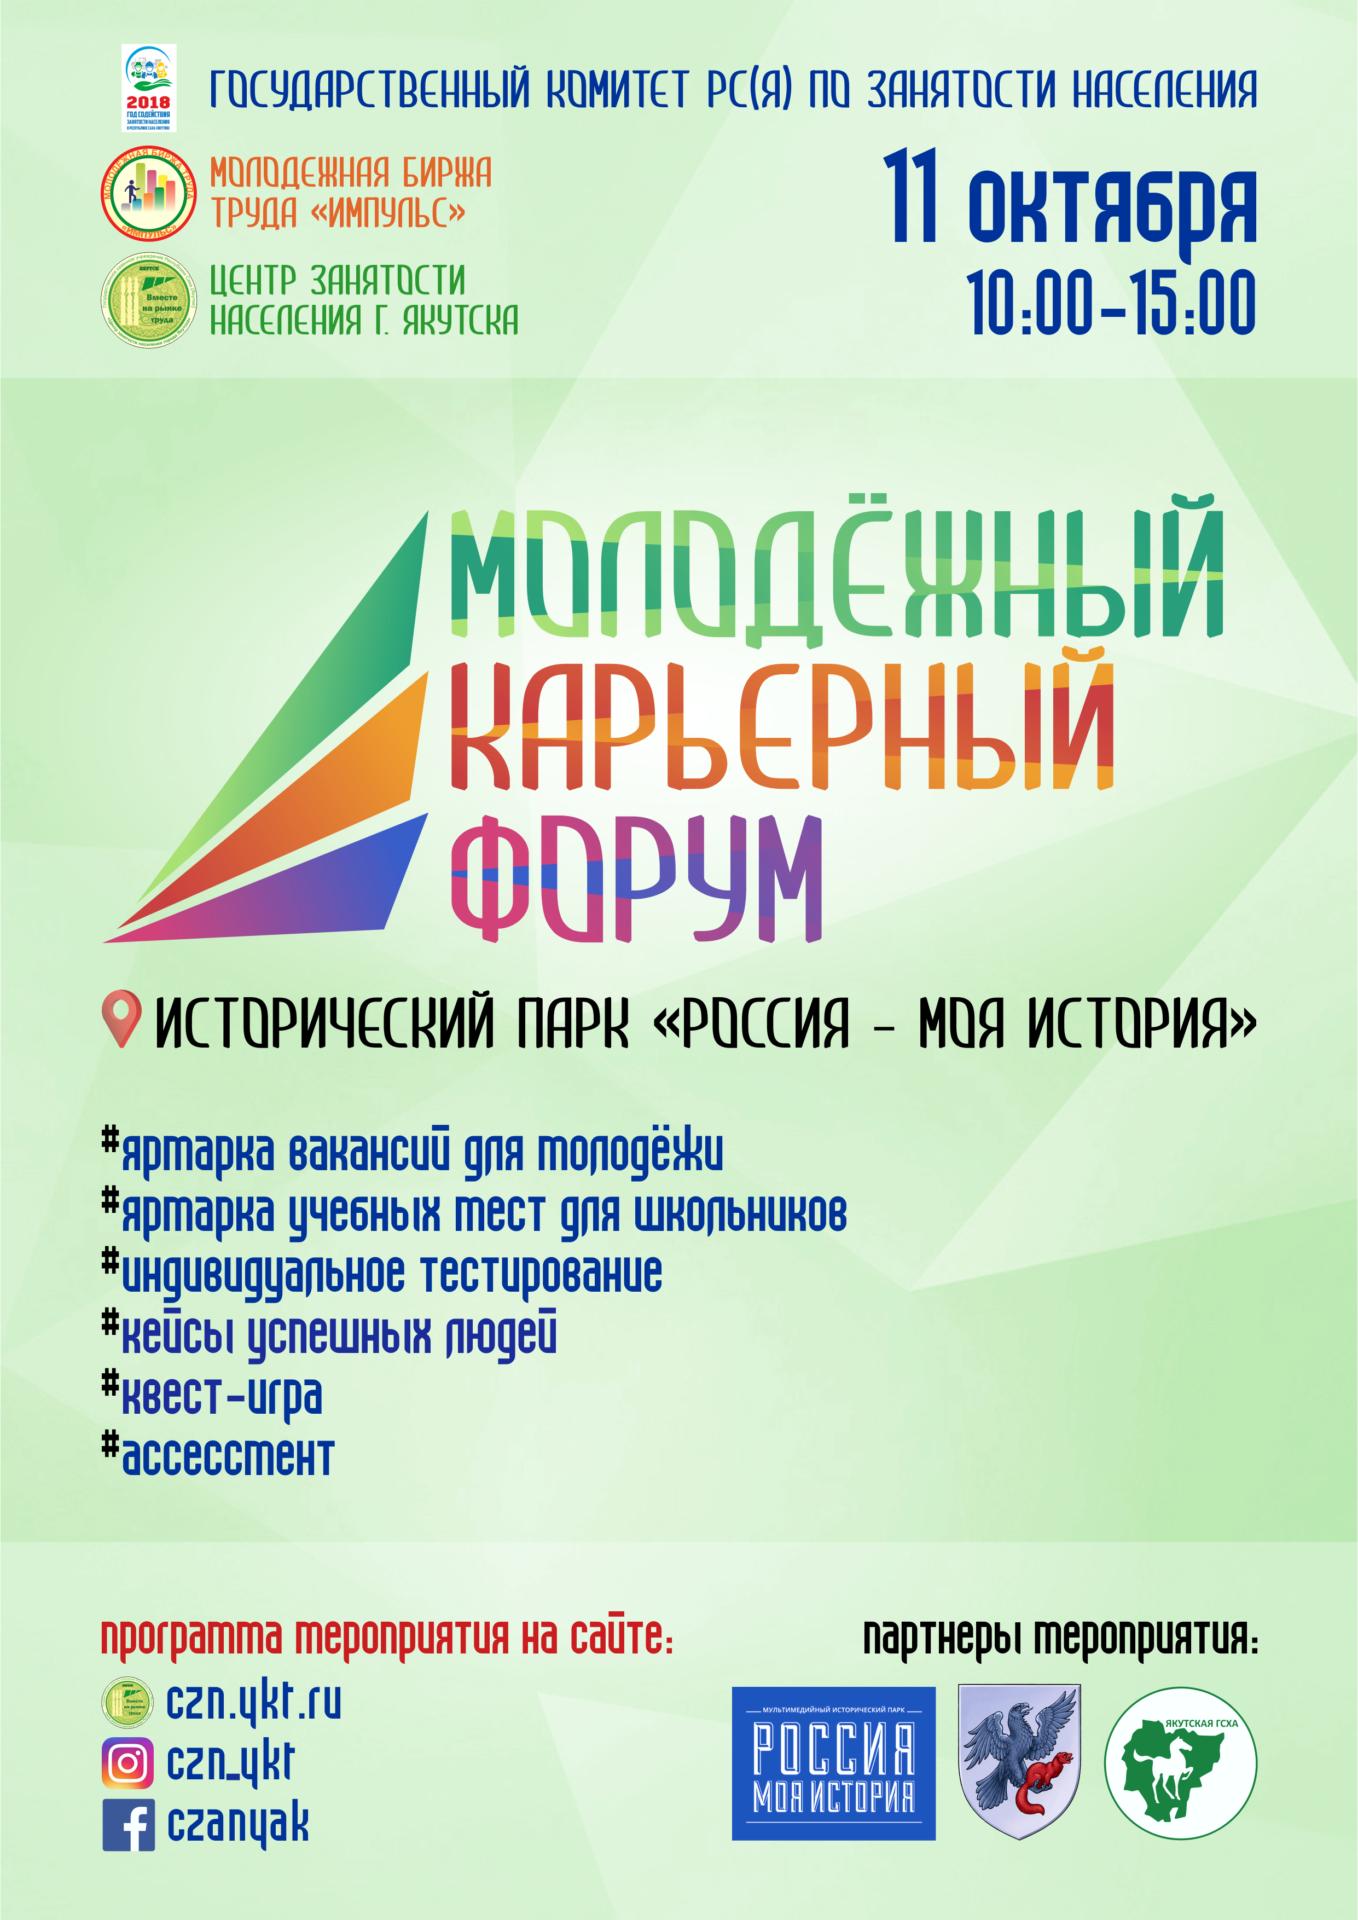 В Якутске пройдет I Молодежный карьерный форум: будущее в твоих руках